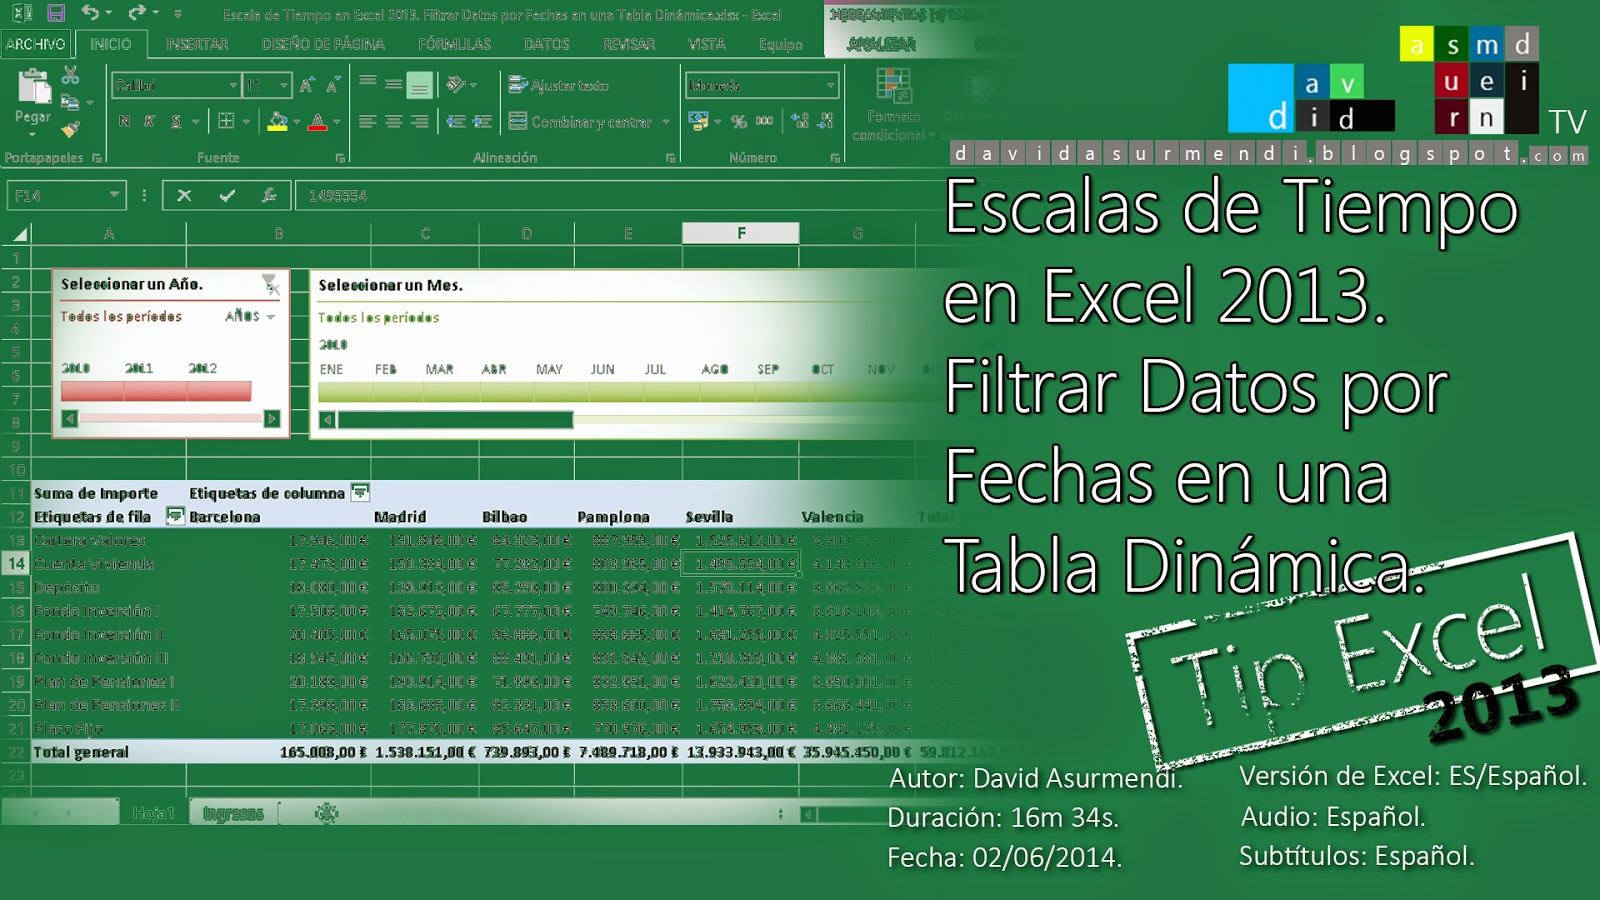 Escala de Tiempo en Excel 2013. Filtrar Datos por Fechas en Tablas Dinámicas.